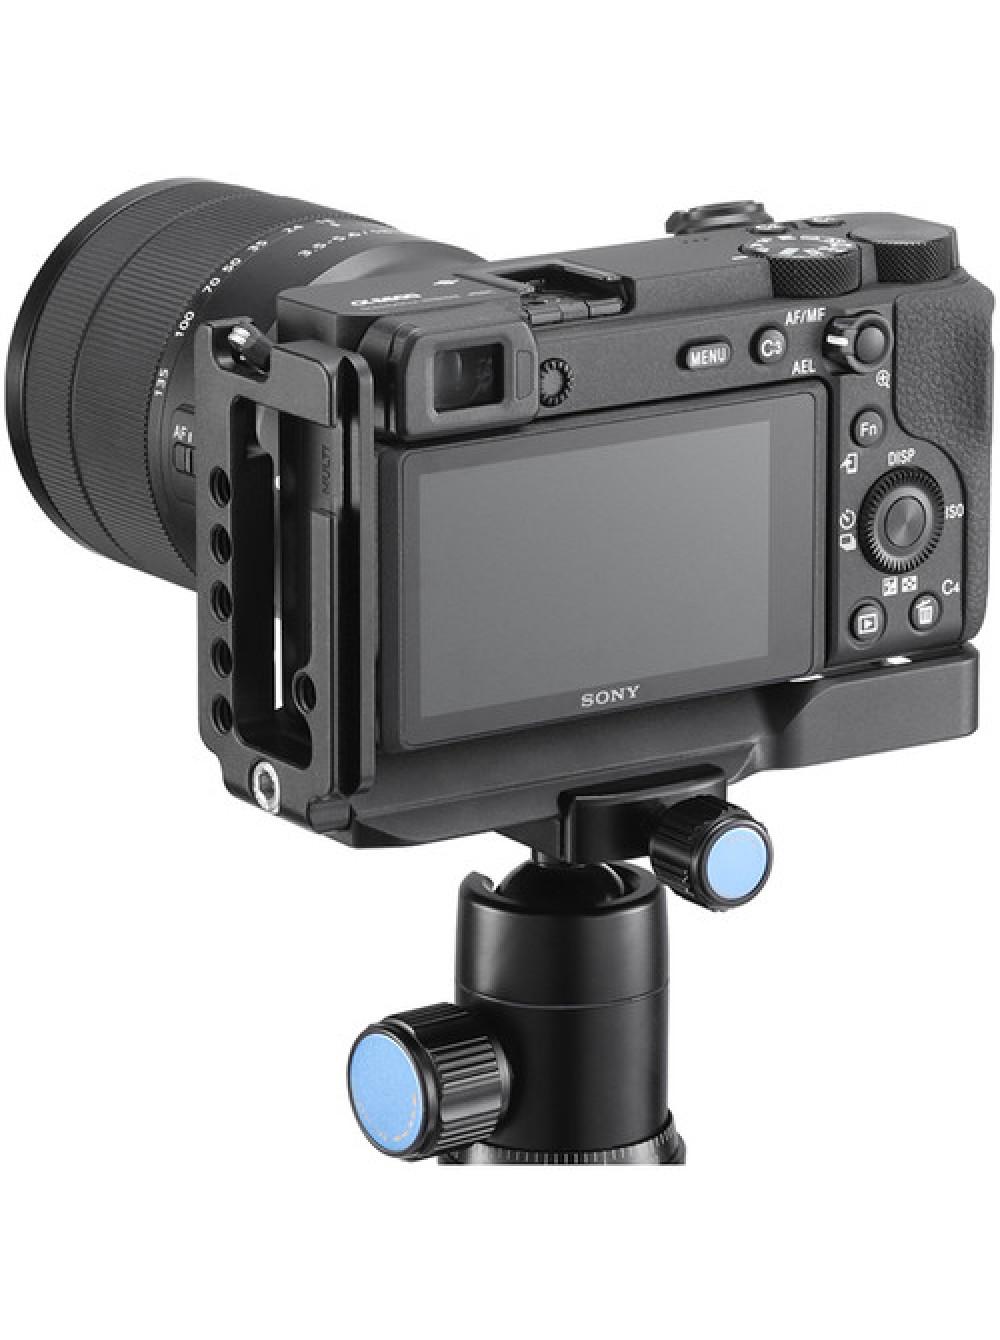 L-образная рукоять для фотокамер Sony A6600 UURig R028 (1803)